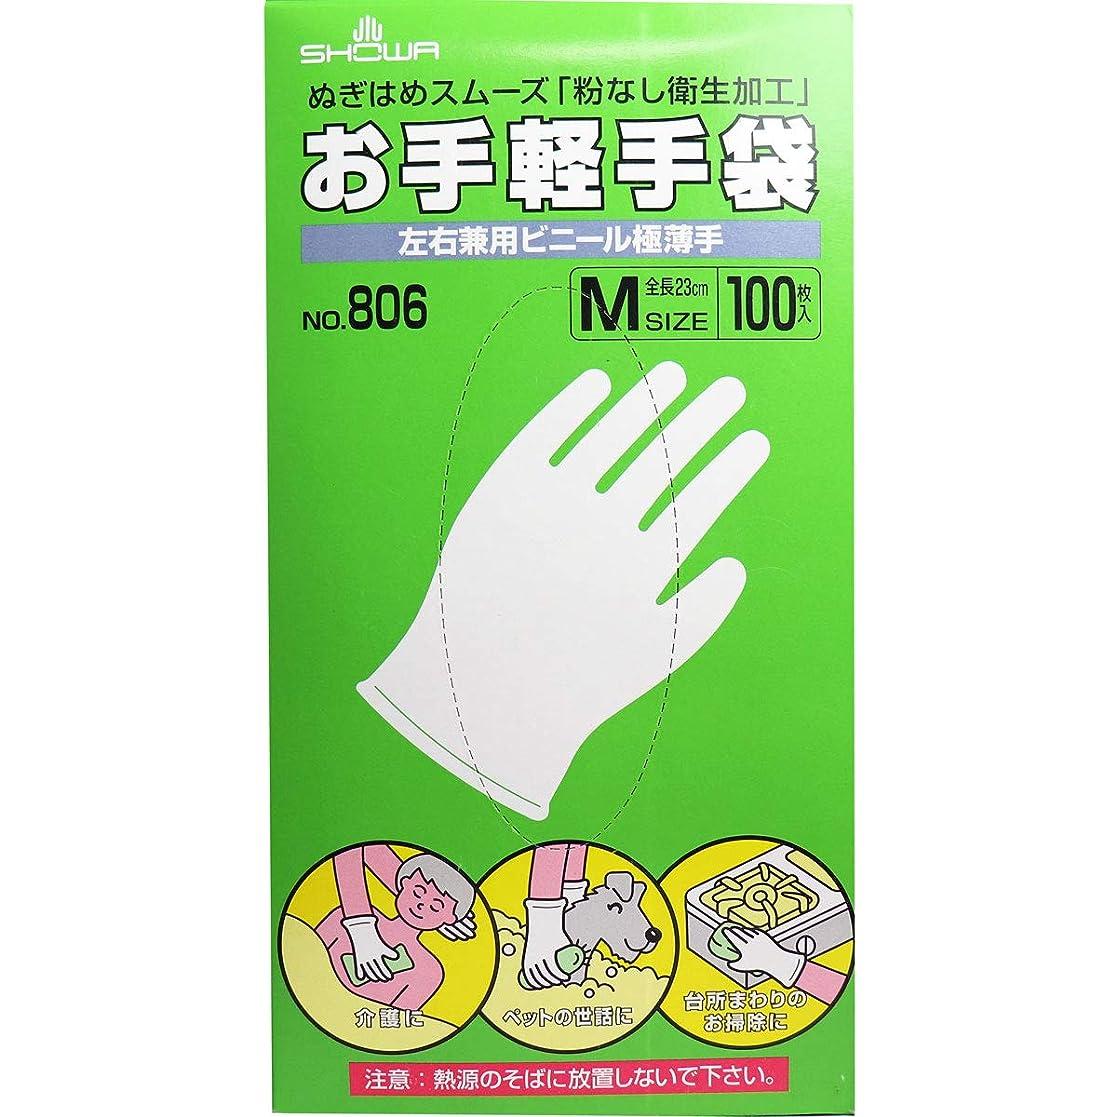 おしゃれじゃない工夫する放射するお手軽手袋 No.806 左右兼用ビニール極薄手 粉なし Mサイズ 100枚入×5個セット(管理番号 4901792033596)